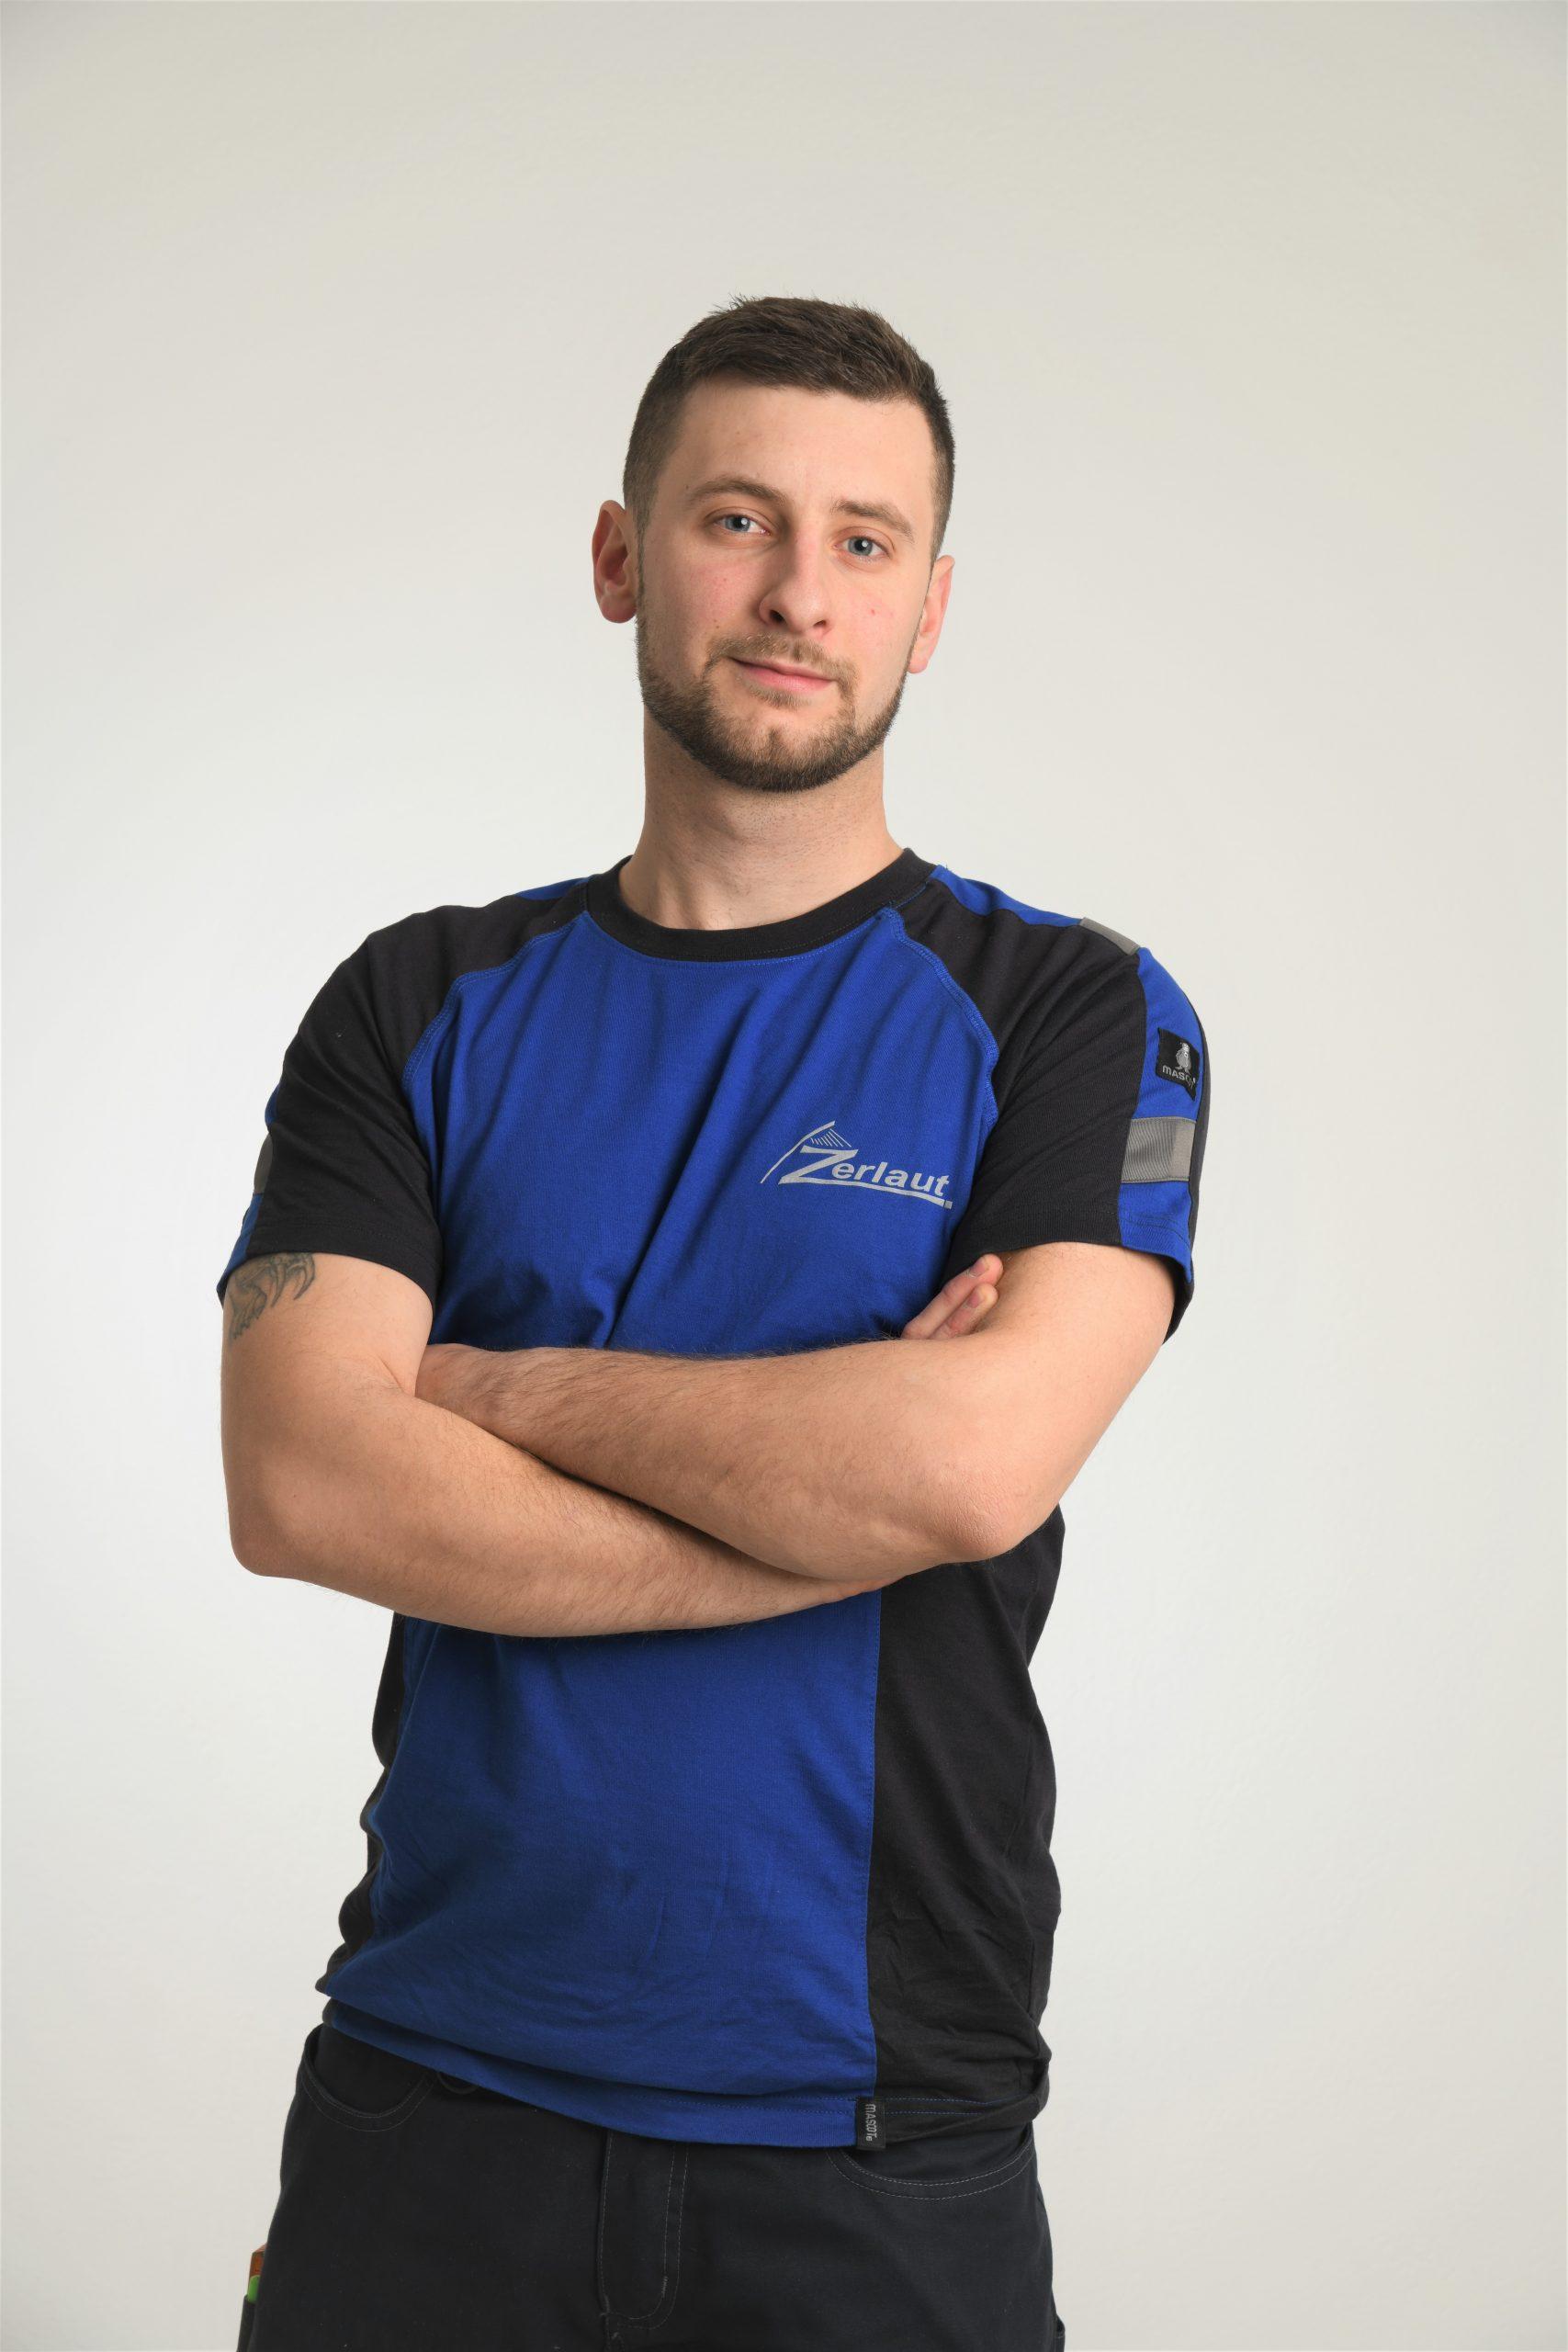 Kristijan Brnadic